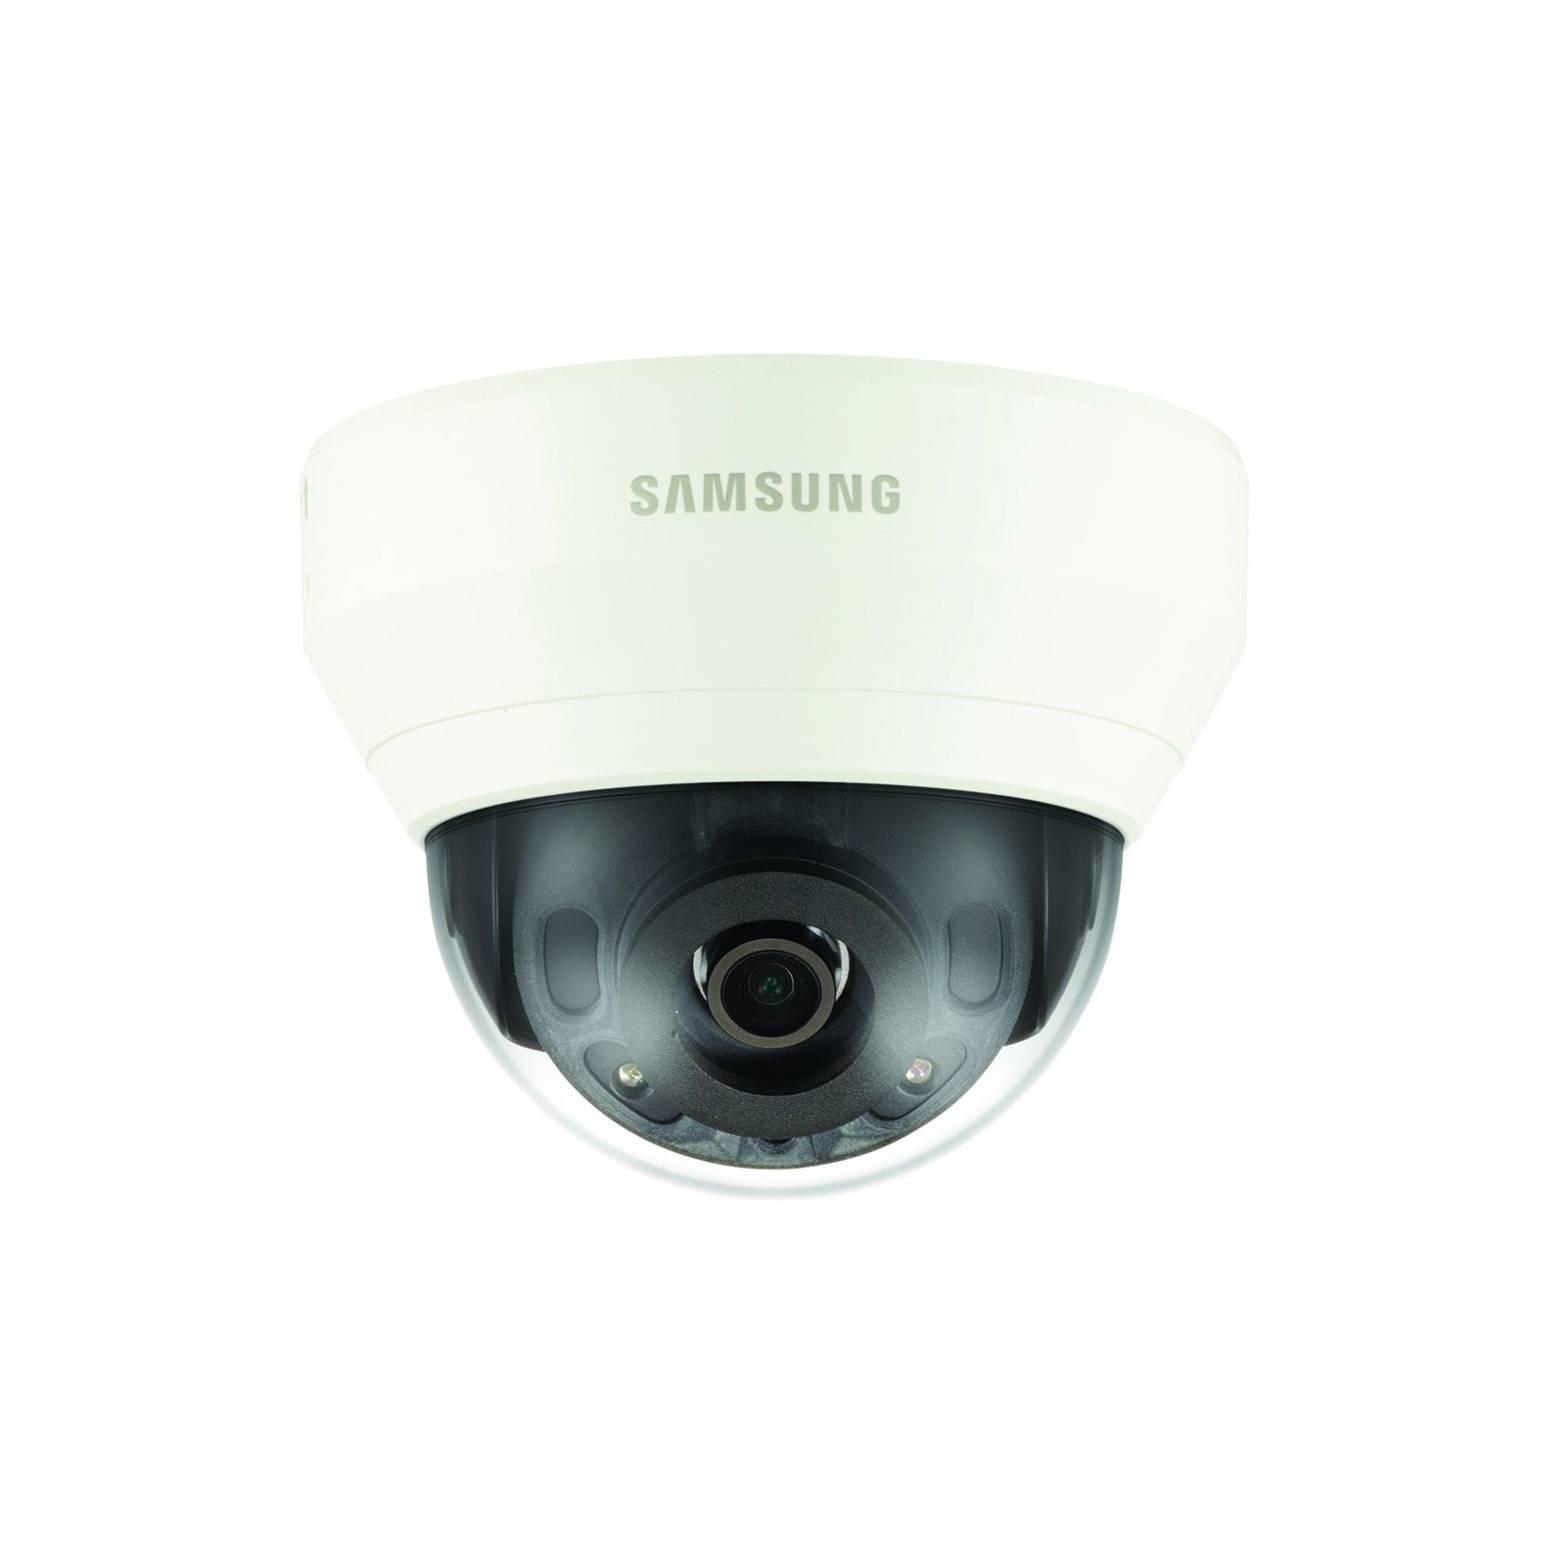 KAMERA CAMERA CCTV INDOOR SAMSUNG IP CAM 2MP QND-6020RP QND-6020R